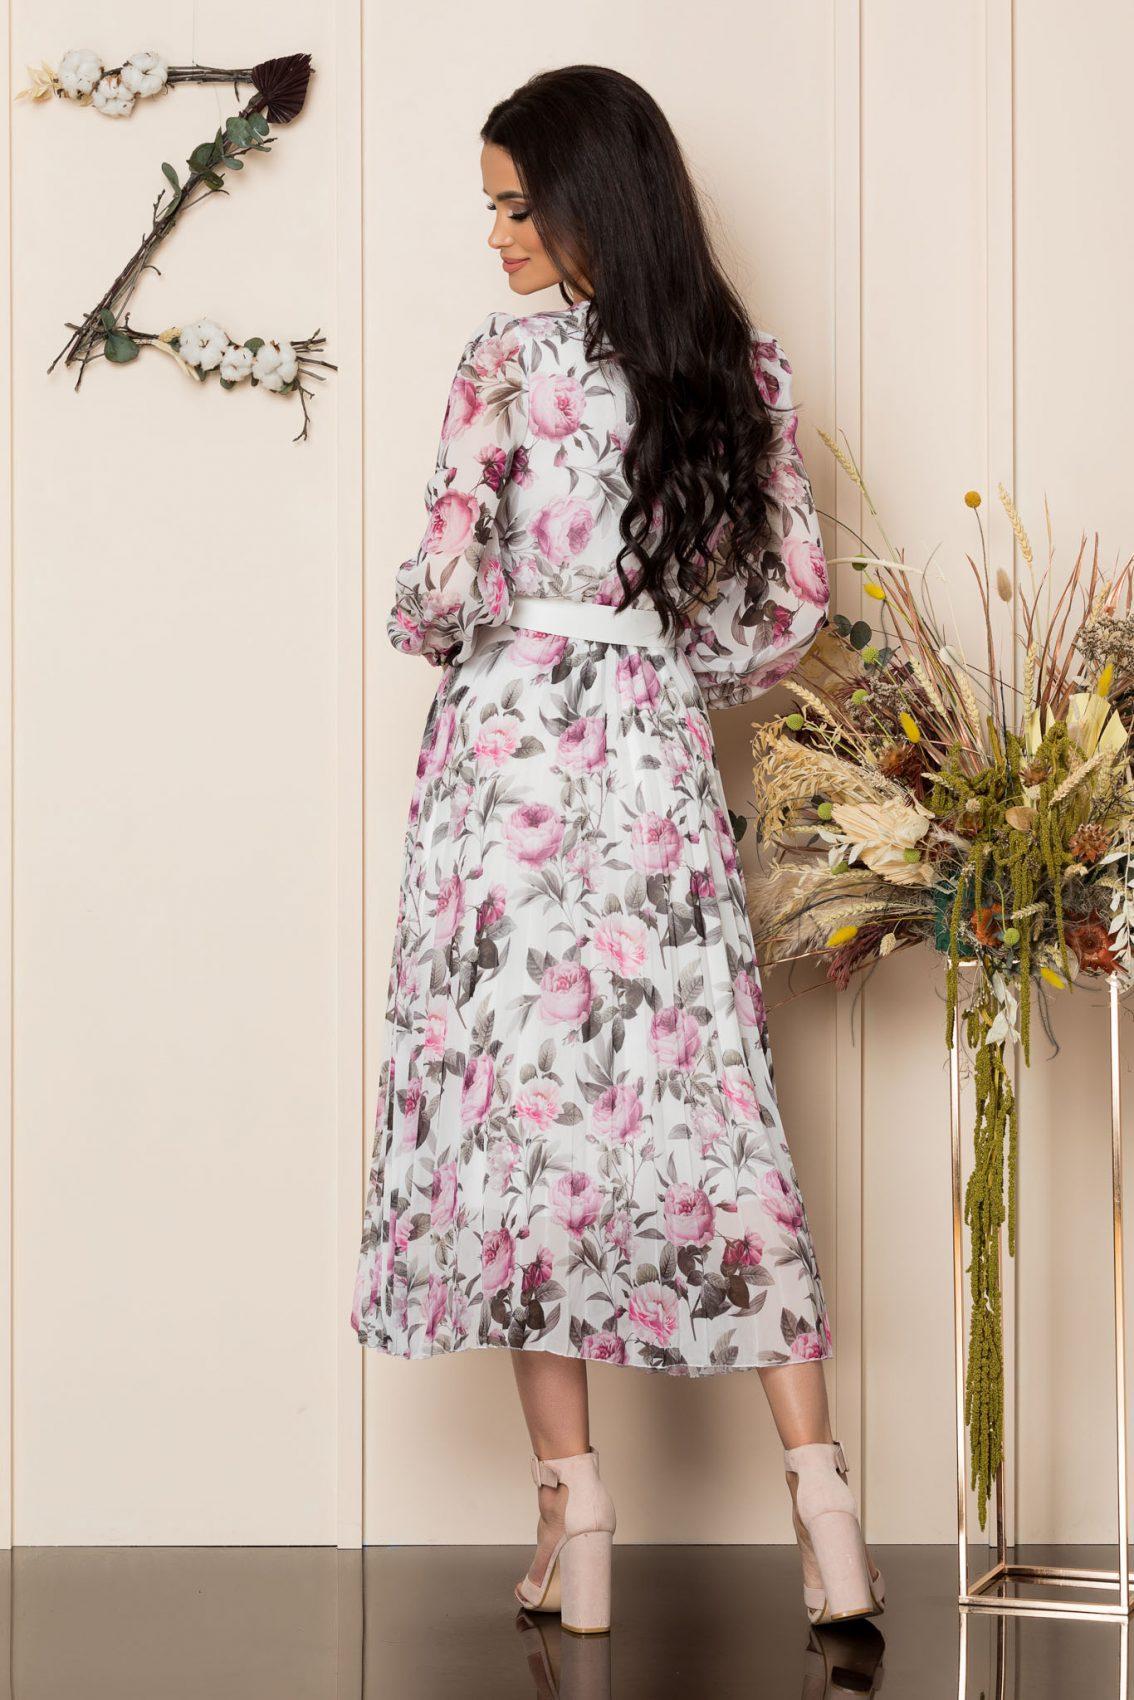 Φλοράλ Πλισέ Φόρεμα Με Ζώνη Ingrid A267 2